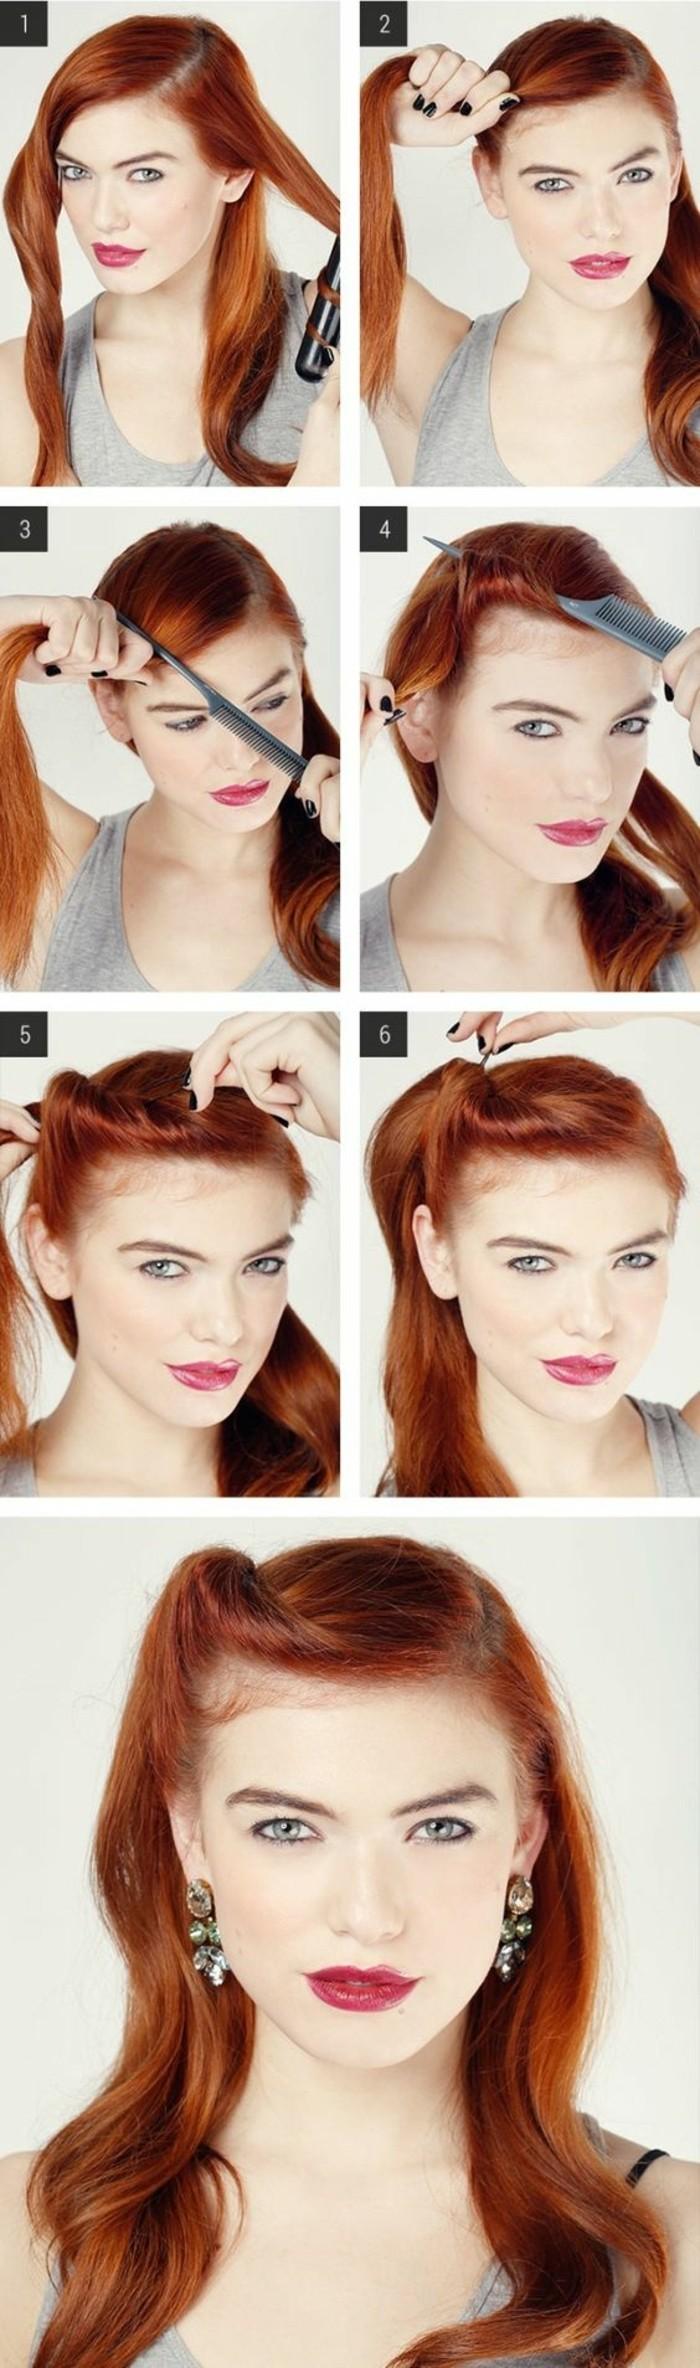 00-tutoriel-coiffure-cheveux-longs-femme-rouge-les-dernieres-tendances-chez-les-coiffures